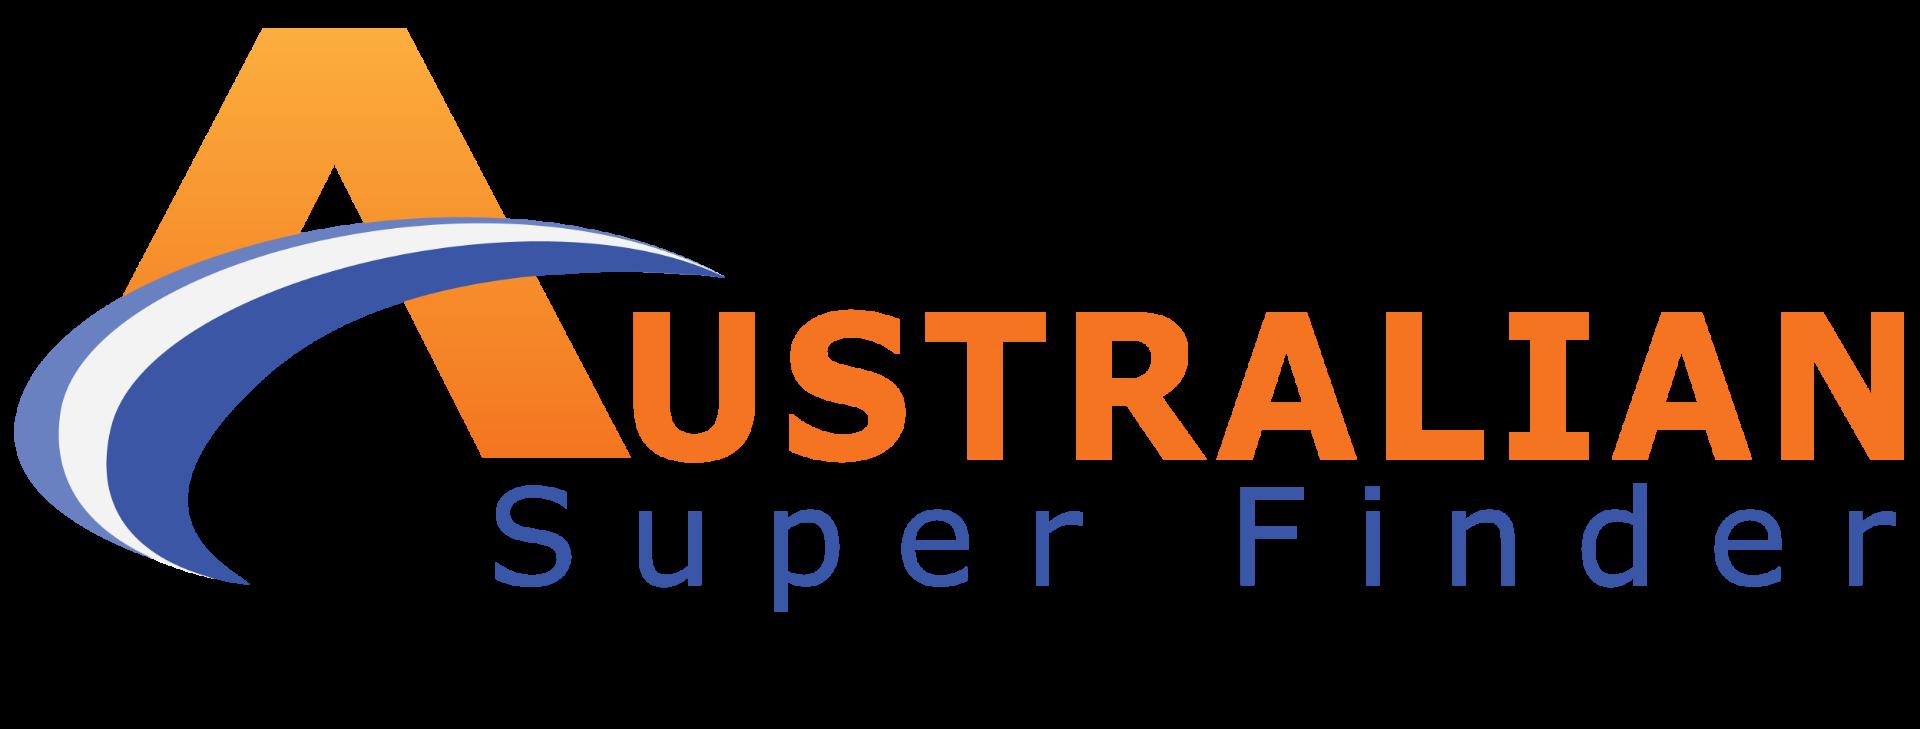 Australian Super Finder